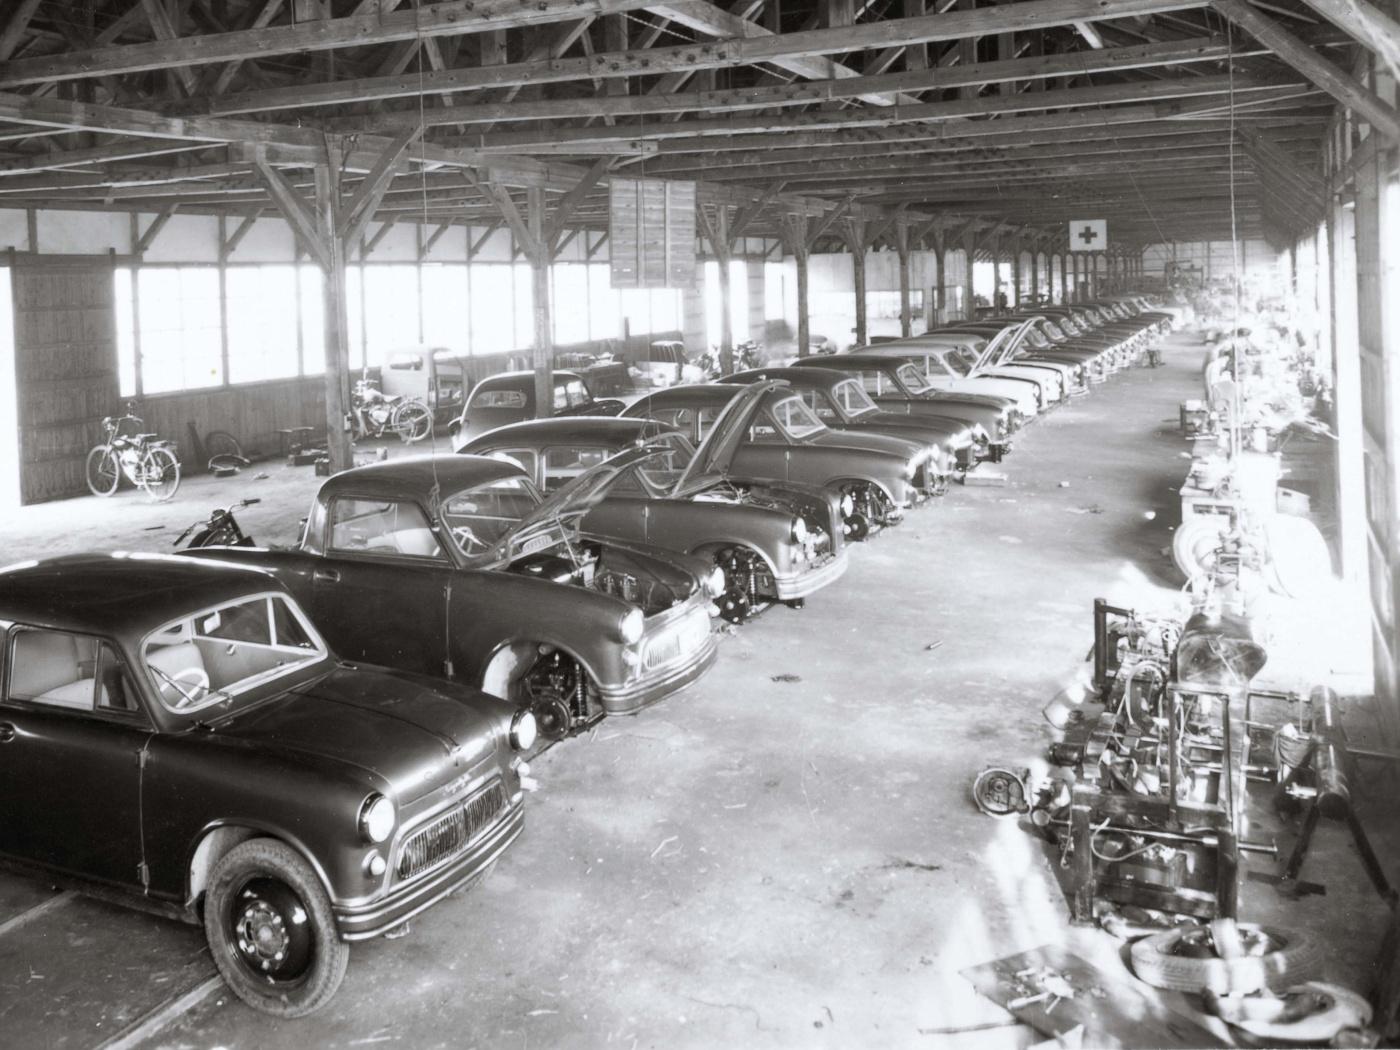 Suzuki slaví 100 let, znáte všechny jeho modely?